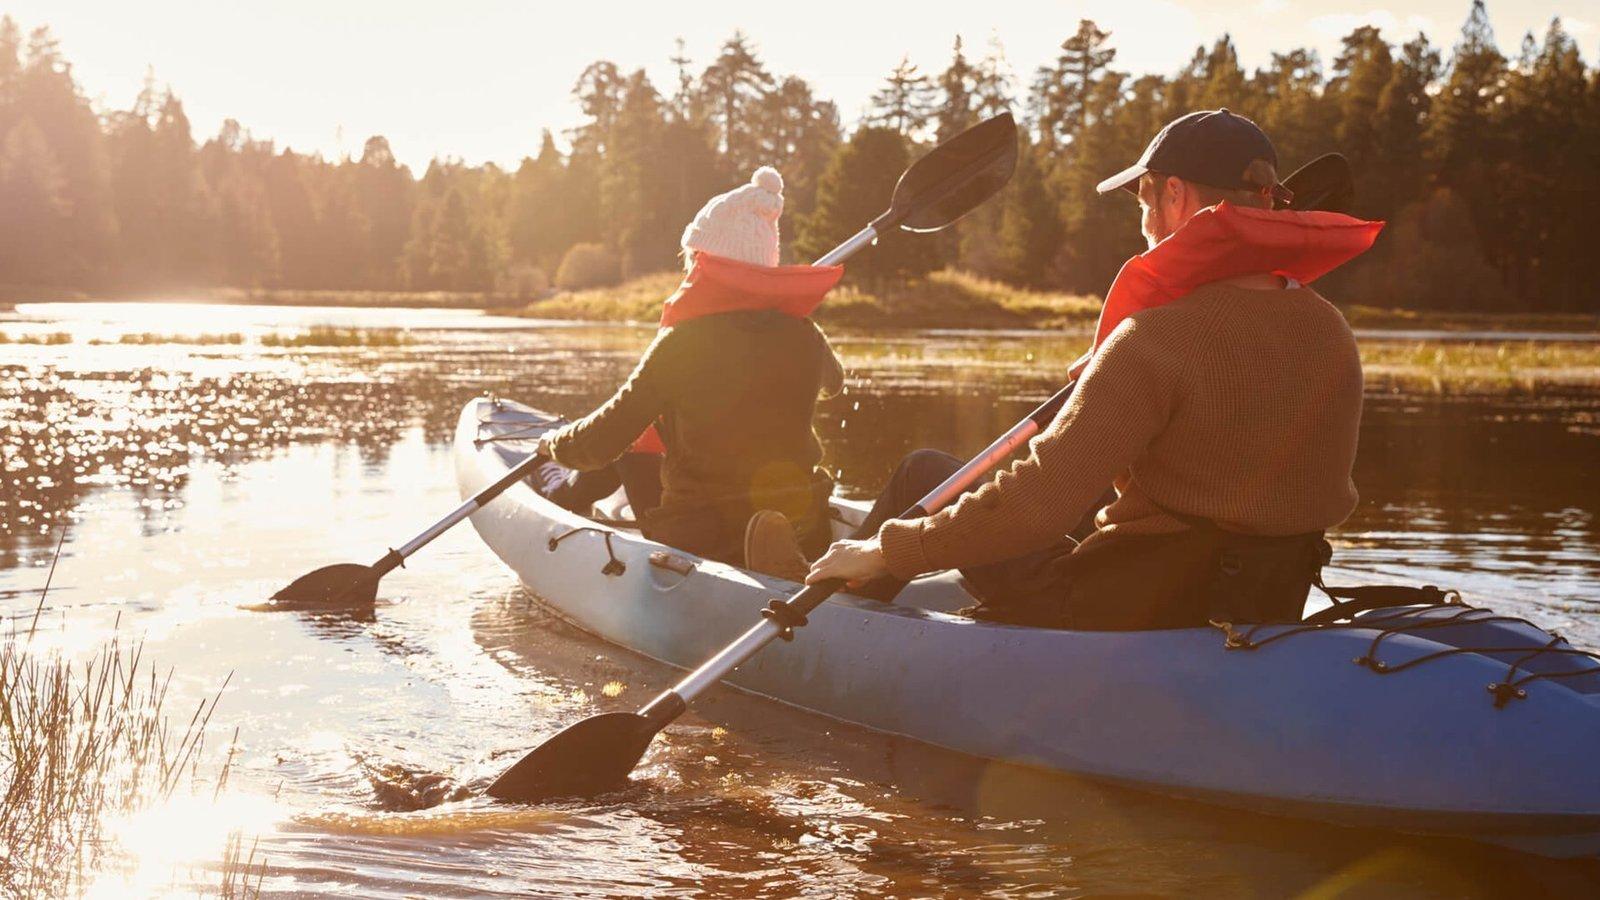 People enjoying fun kayaking